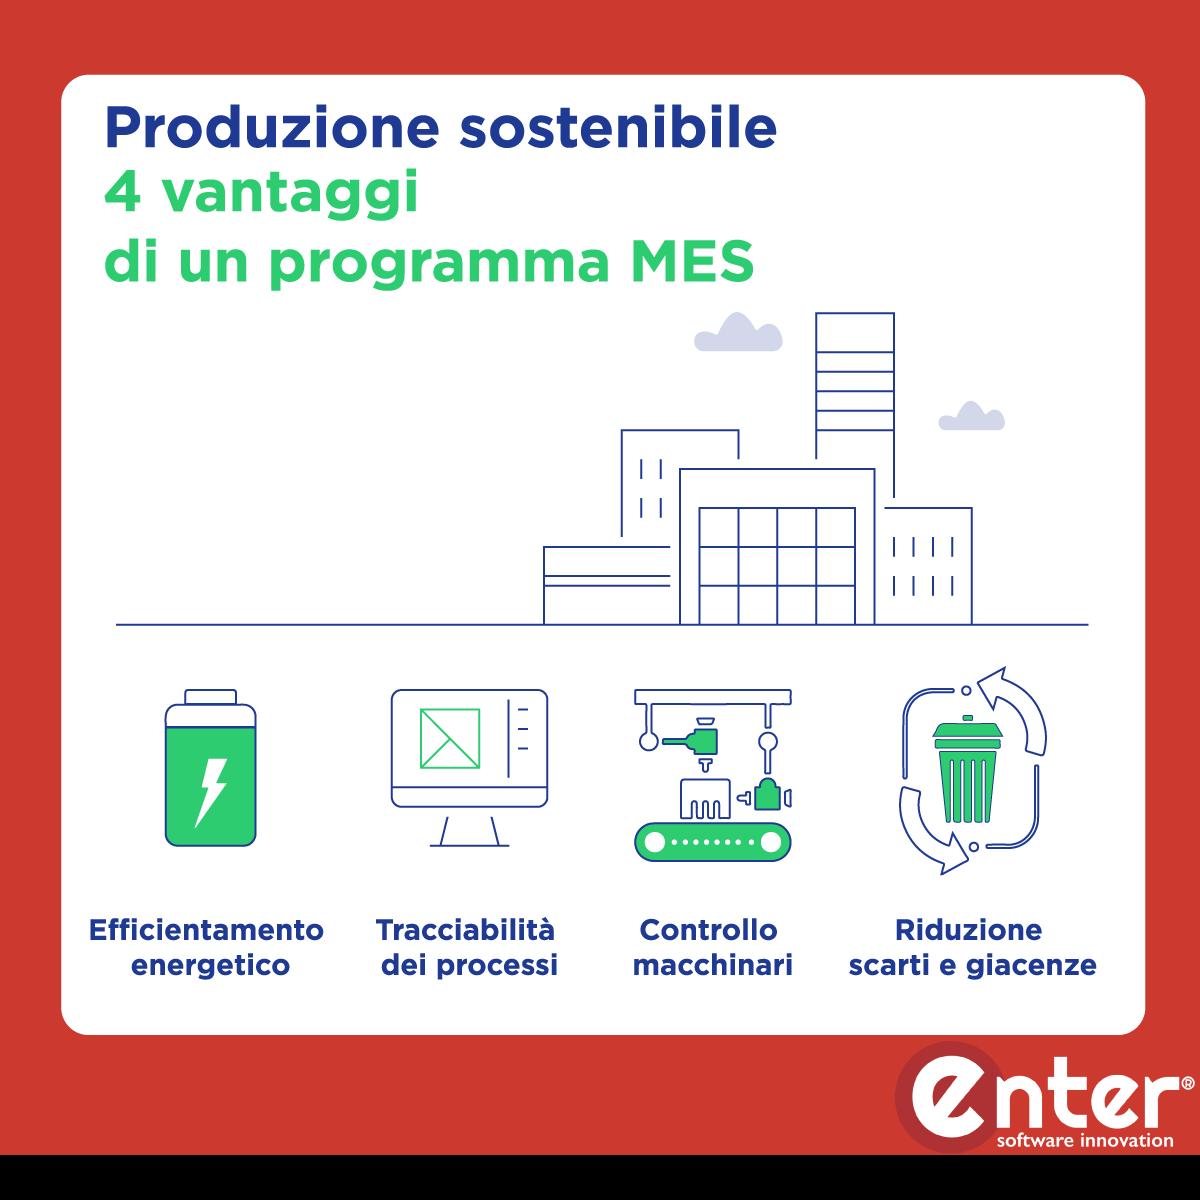 Programmi MES e sostenibilità ambientale